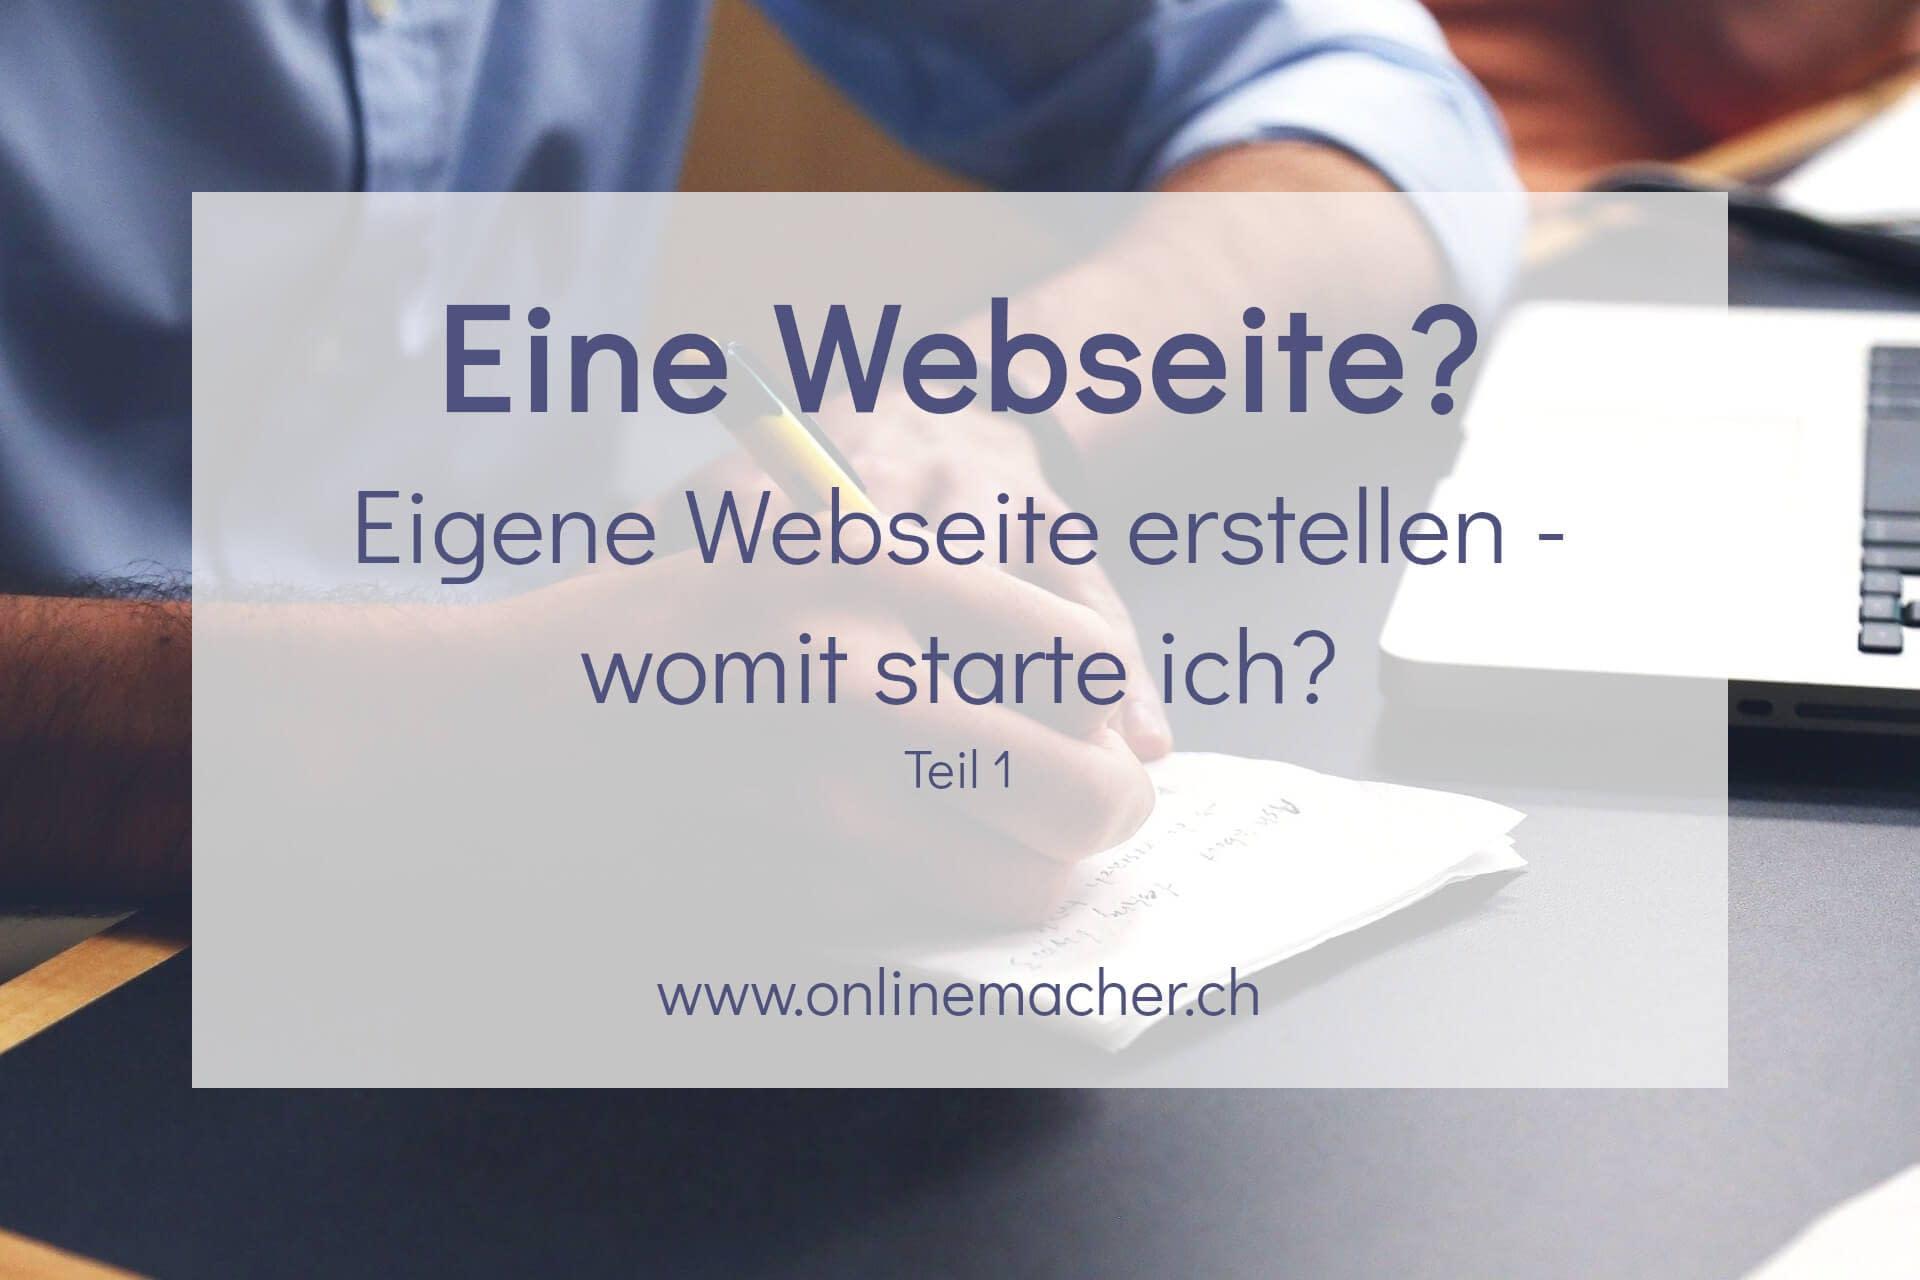 eigene-webseite-erstellen